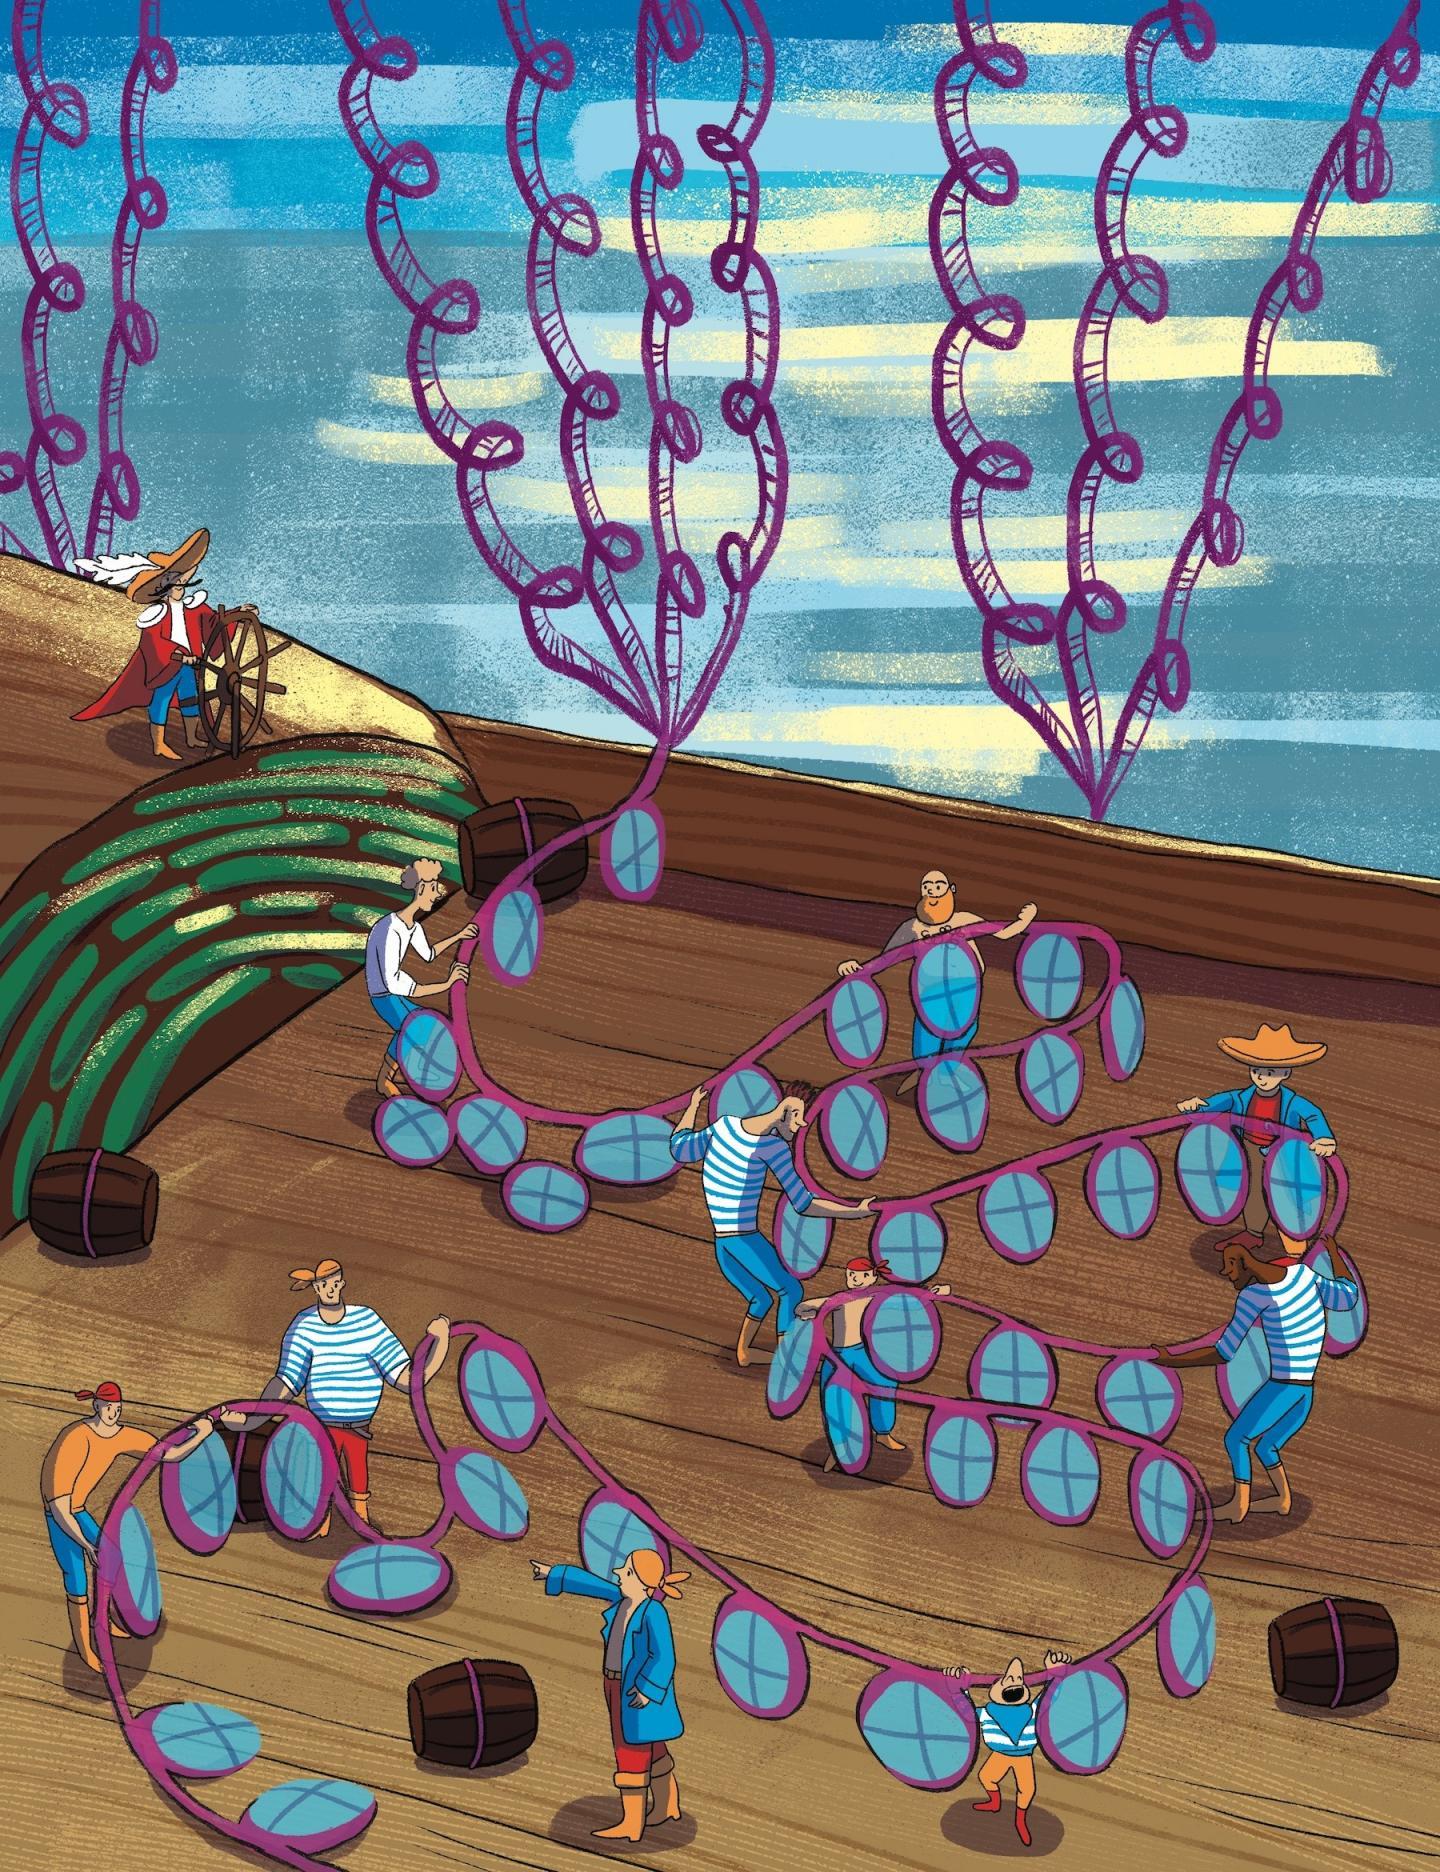 Al igual los marineros trabajan juntos con cuerdas para realizar tareas a bordo del barco, las proteínas trabajan con los cromosomas como una comunidad en el núcleo de una célula para llevar a cabo funciones celulares. Un algoritmo que imita al de Facebook ha identificado estas comunidades. Crédito: Ella Marushchenko.